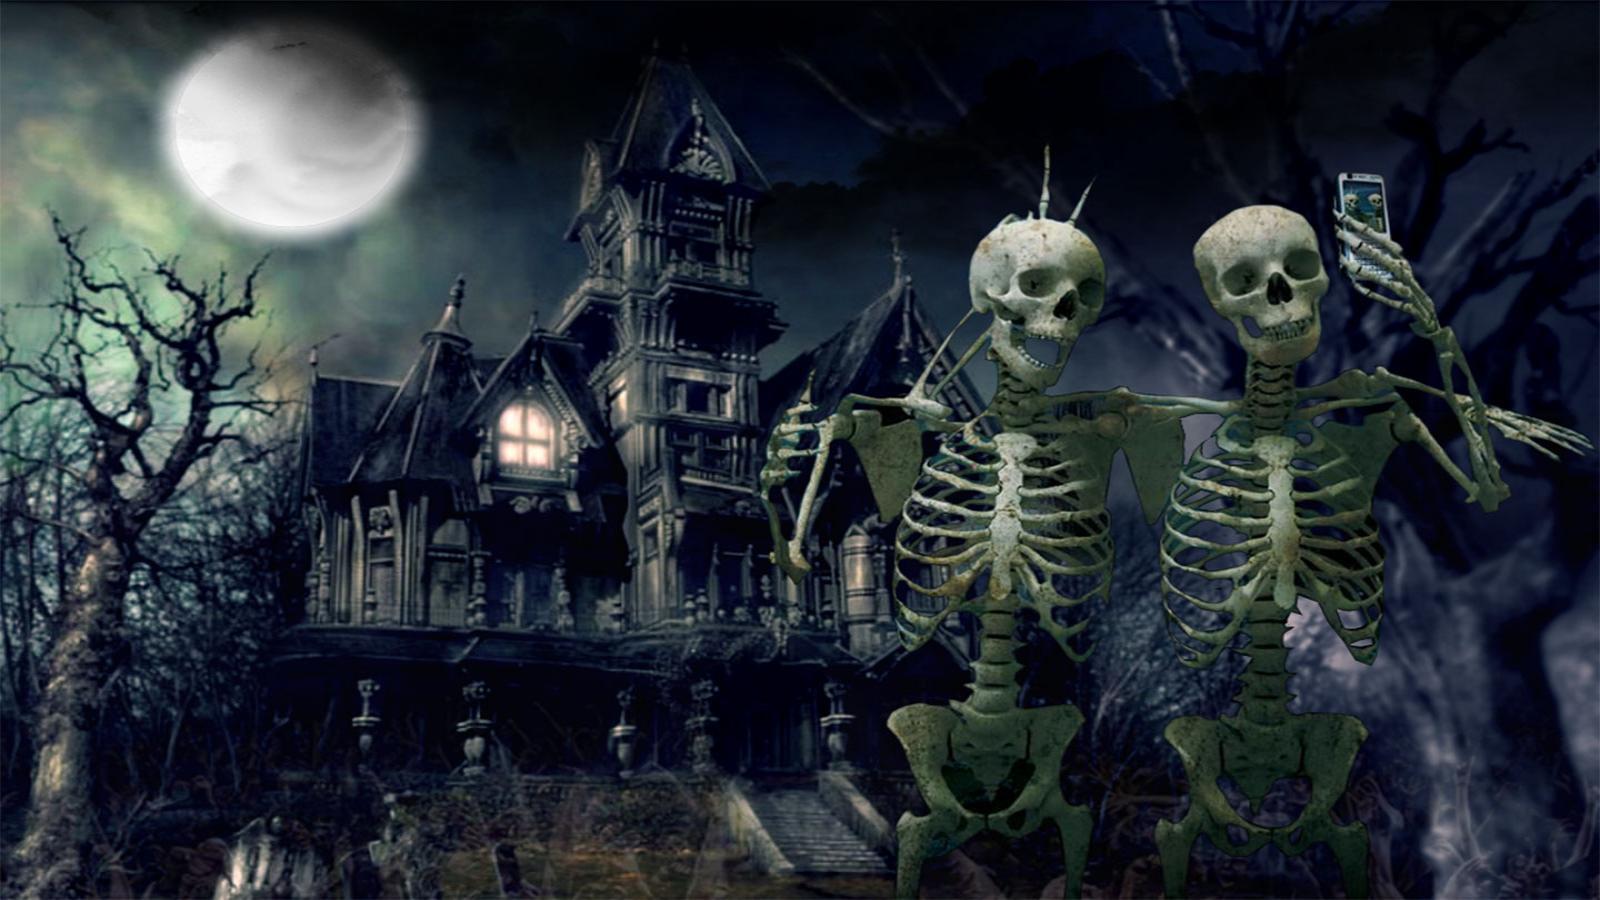 Scary Halloween Desktop Wallpapers 1600x900